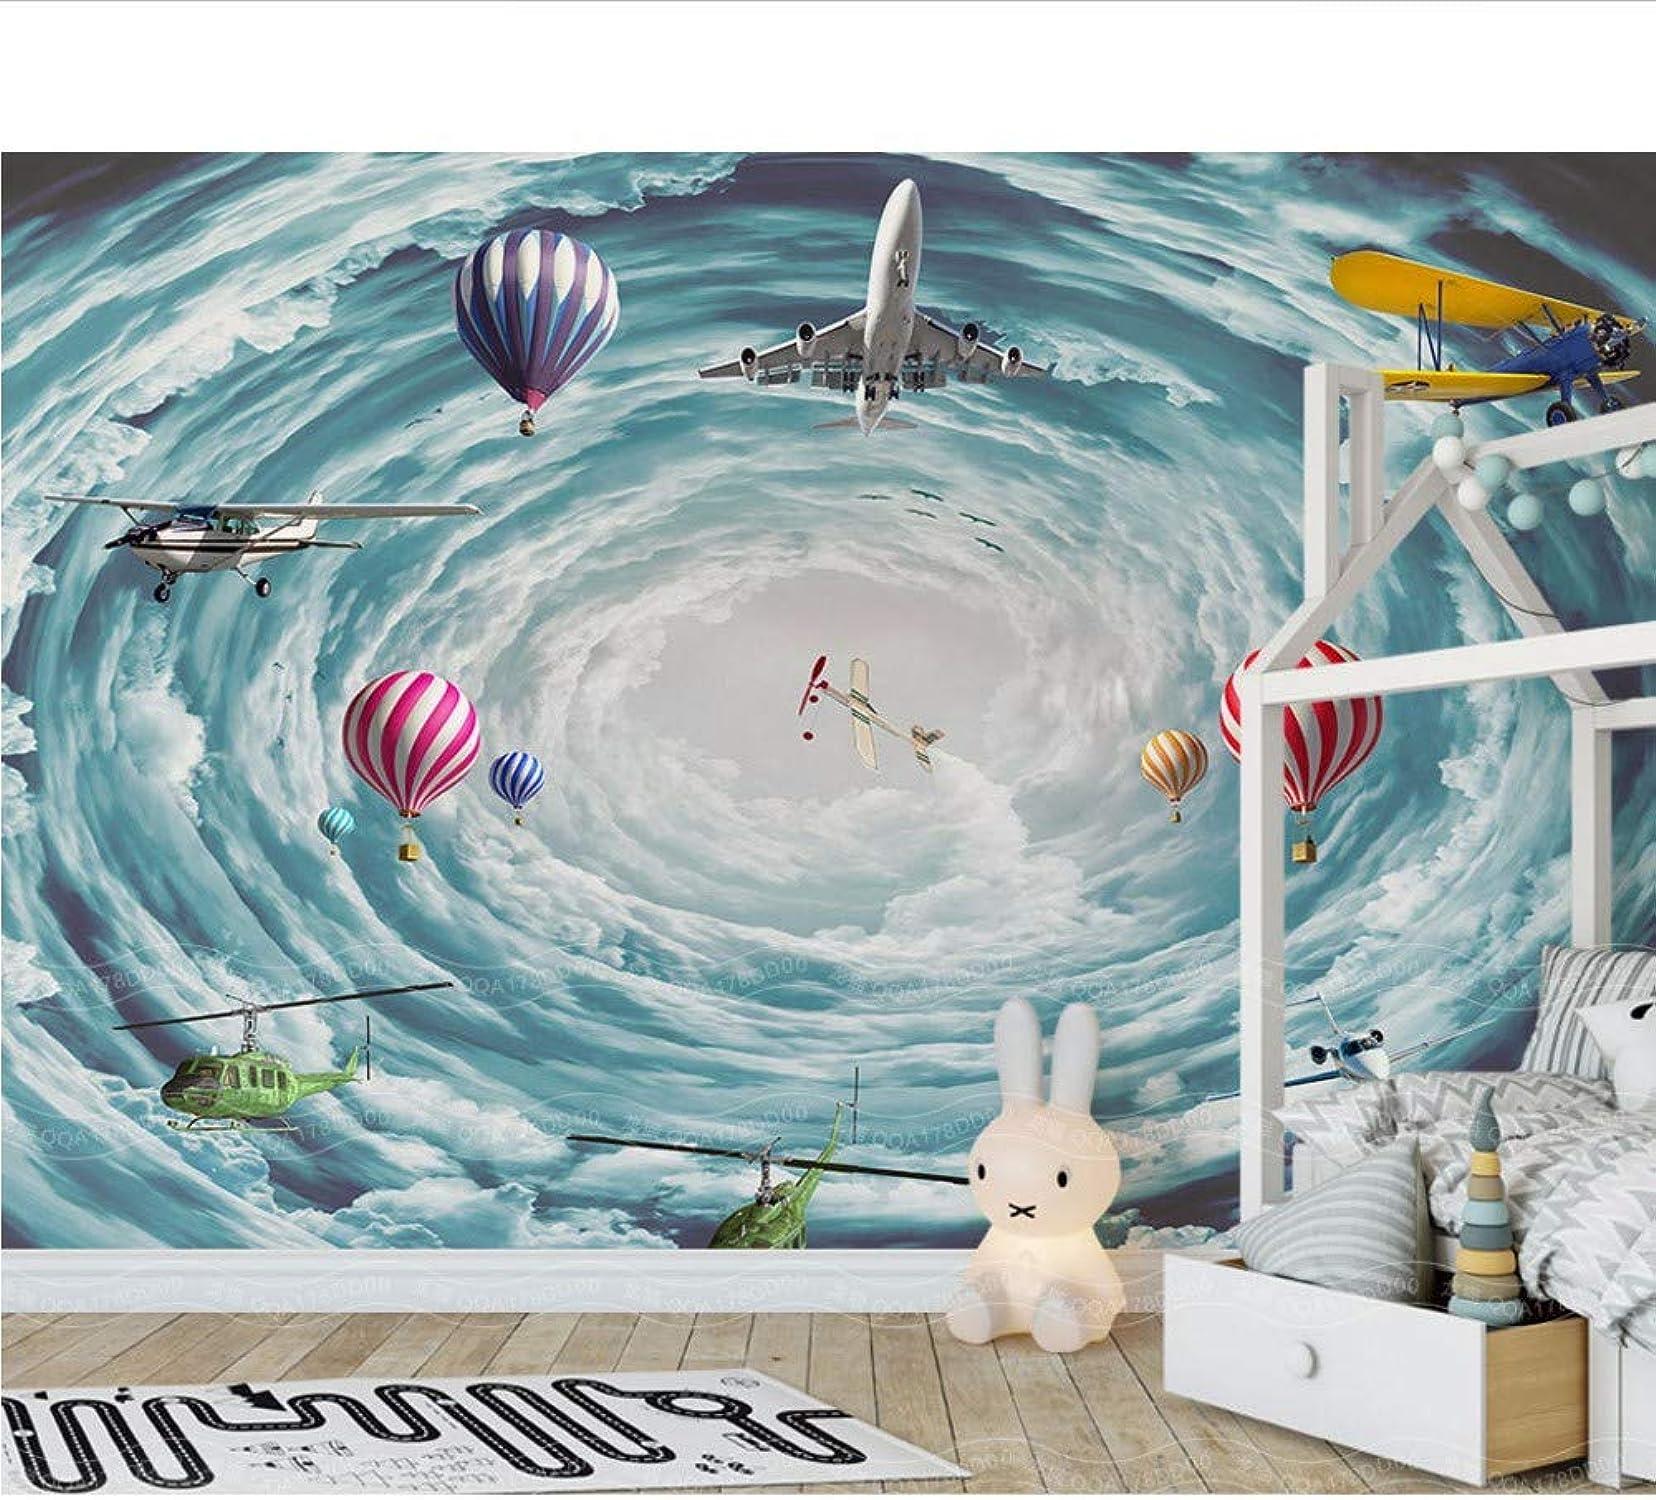 precios razonables Weaeo 3D Space Sky Airplane Fire Balloon Balloon Balloon 3D Cartoon Mural Wallpaper Para La Habitación Del Nio Del Bebé 3D Mural De Parojo De Papel De Parojo Decoración De La Parojo-200X140Cm  diseño simple y generoso